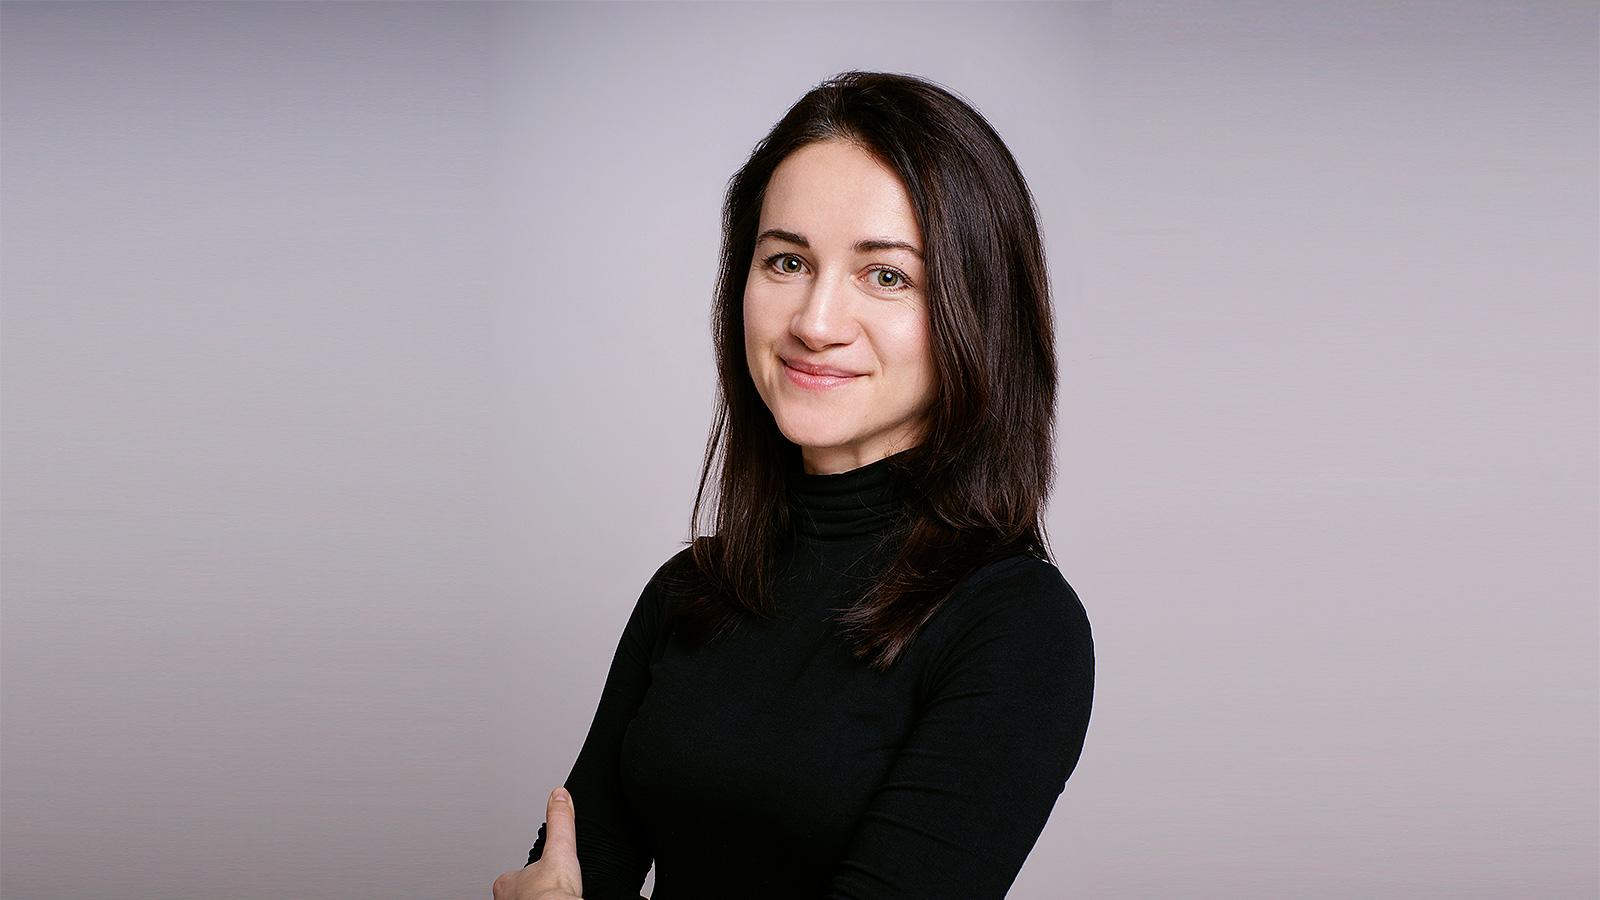 Nowy Dyrektor Marketingu - Z Prowly do Socjomanii CMO MEDIARUN SOCJOMANIA CMO Edyta Kowal v1